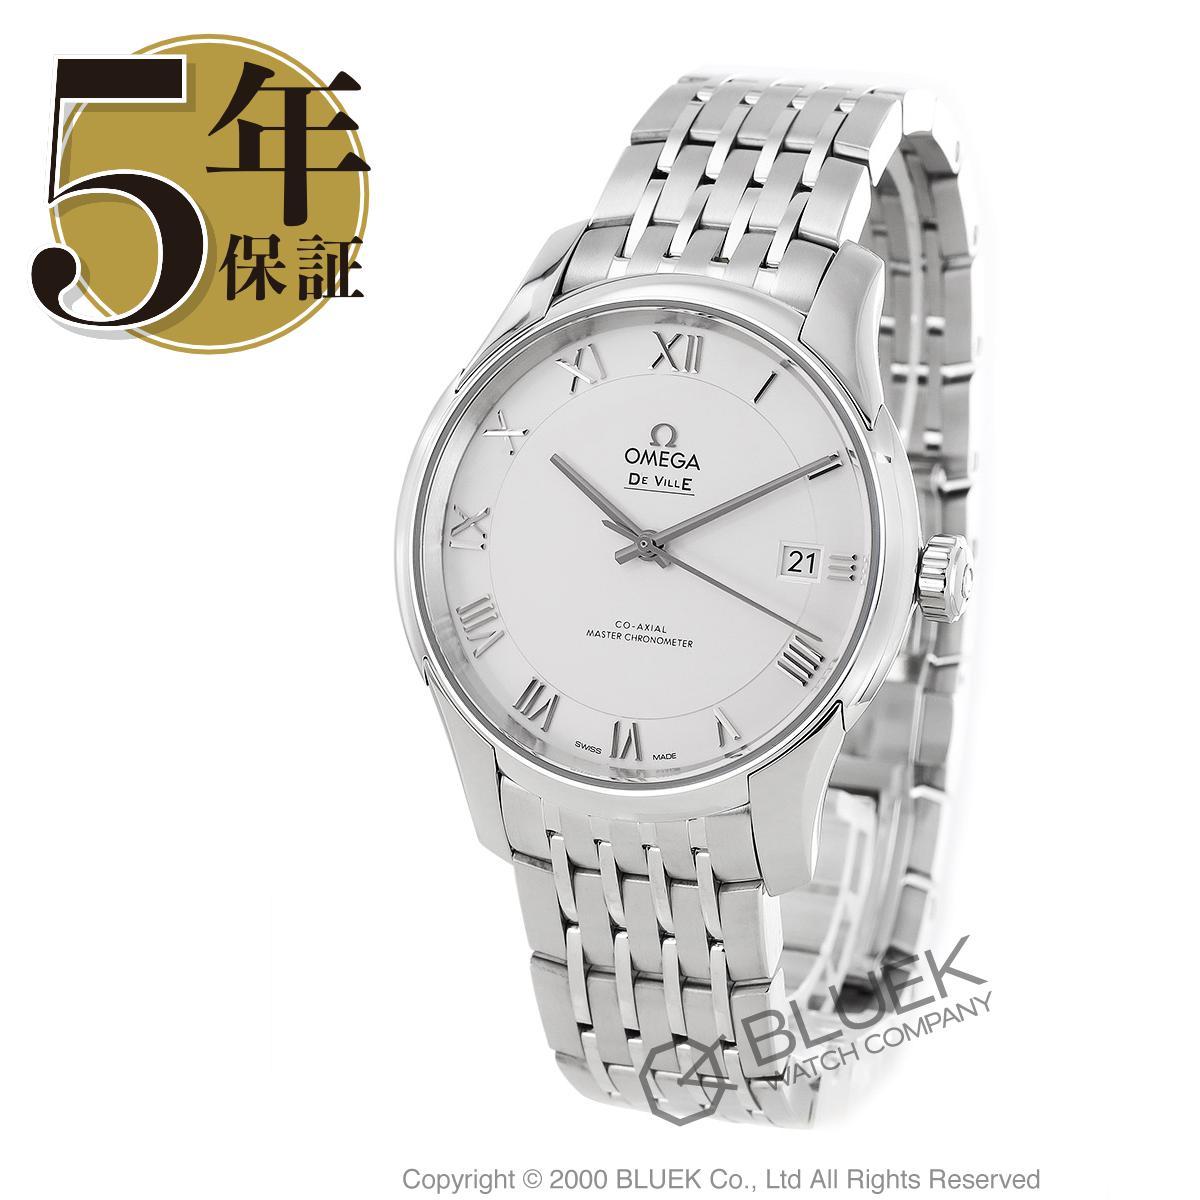 オメガ デビル アワービジョン マスタークロノメーター 腕時計 メンズ OMEGA 433.10.41.21.02.001_8